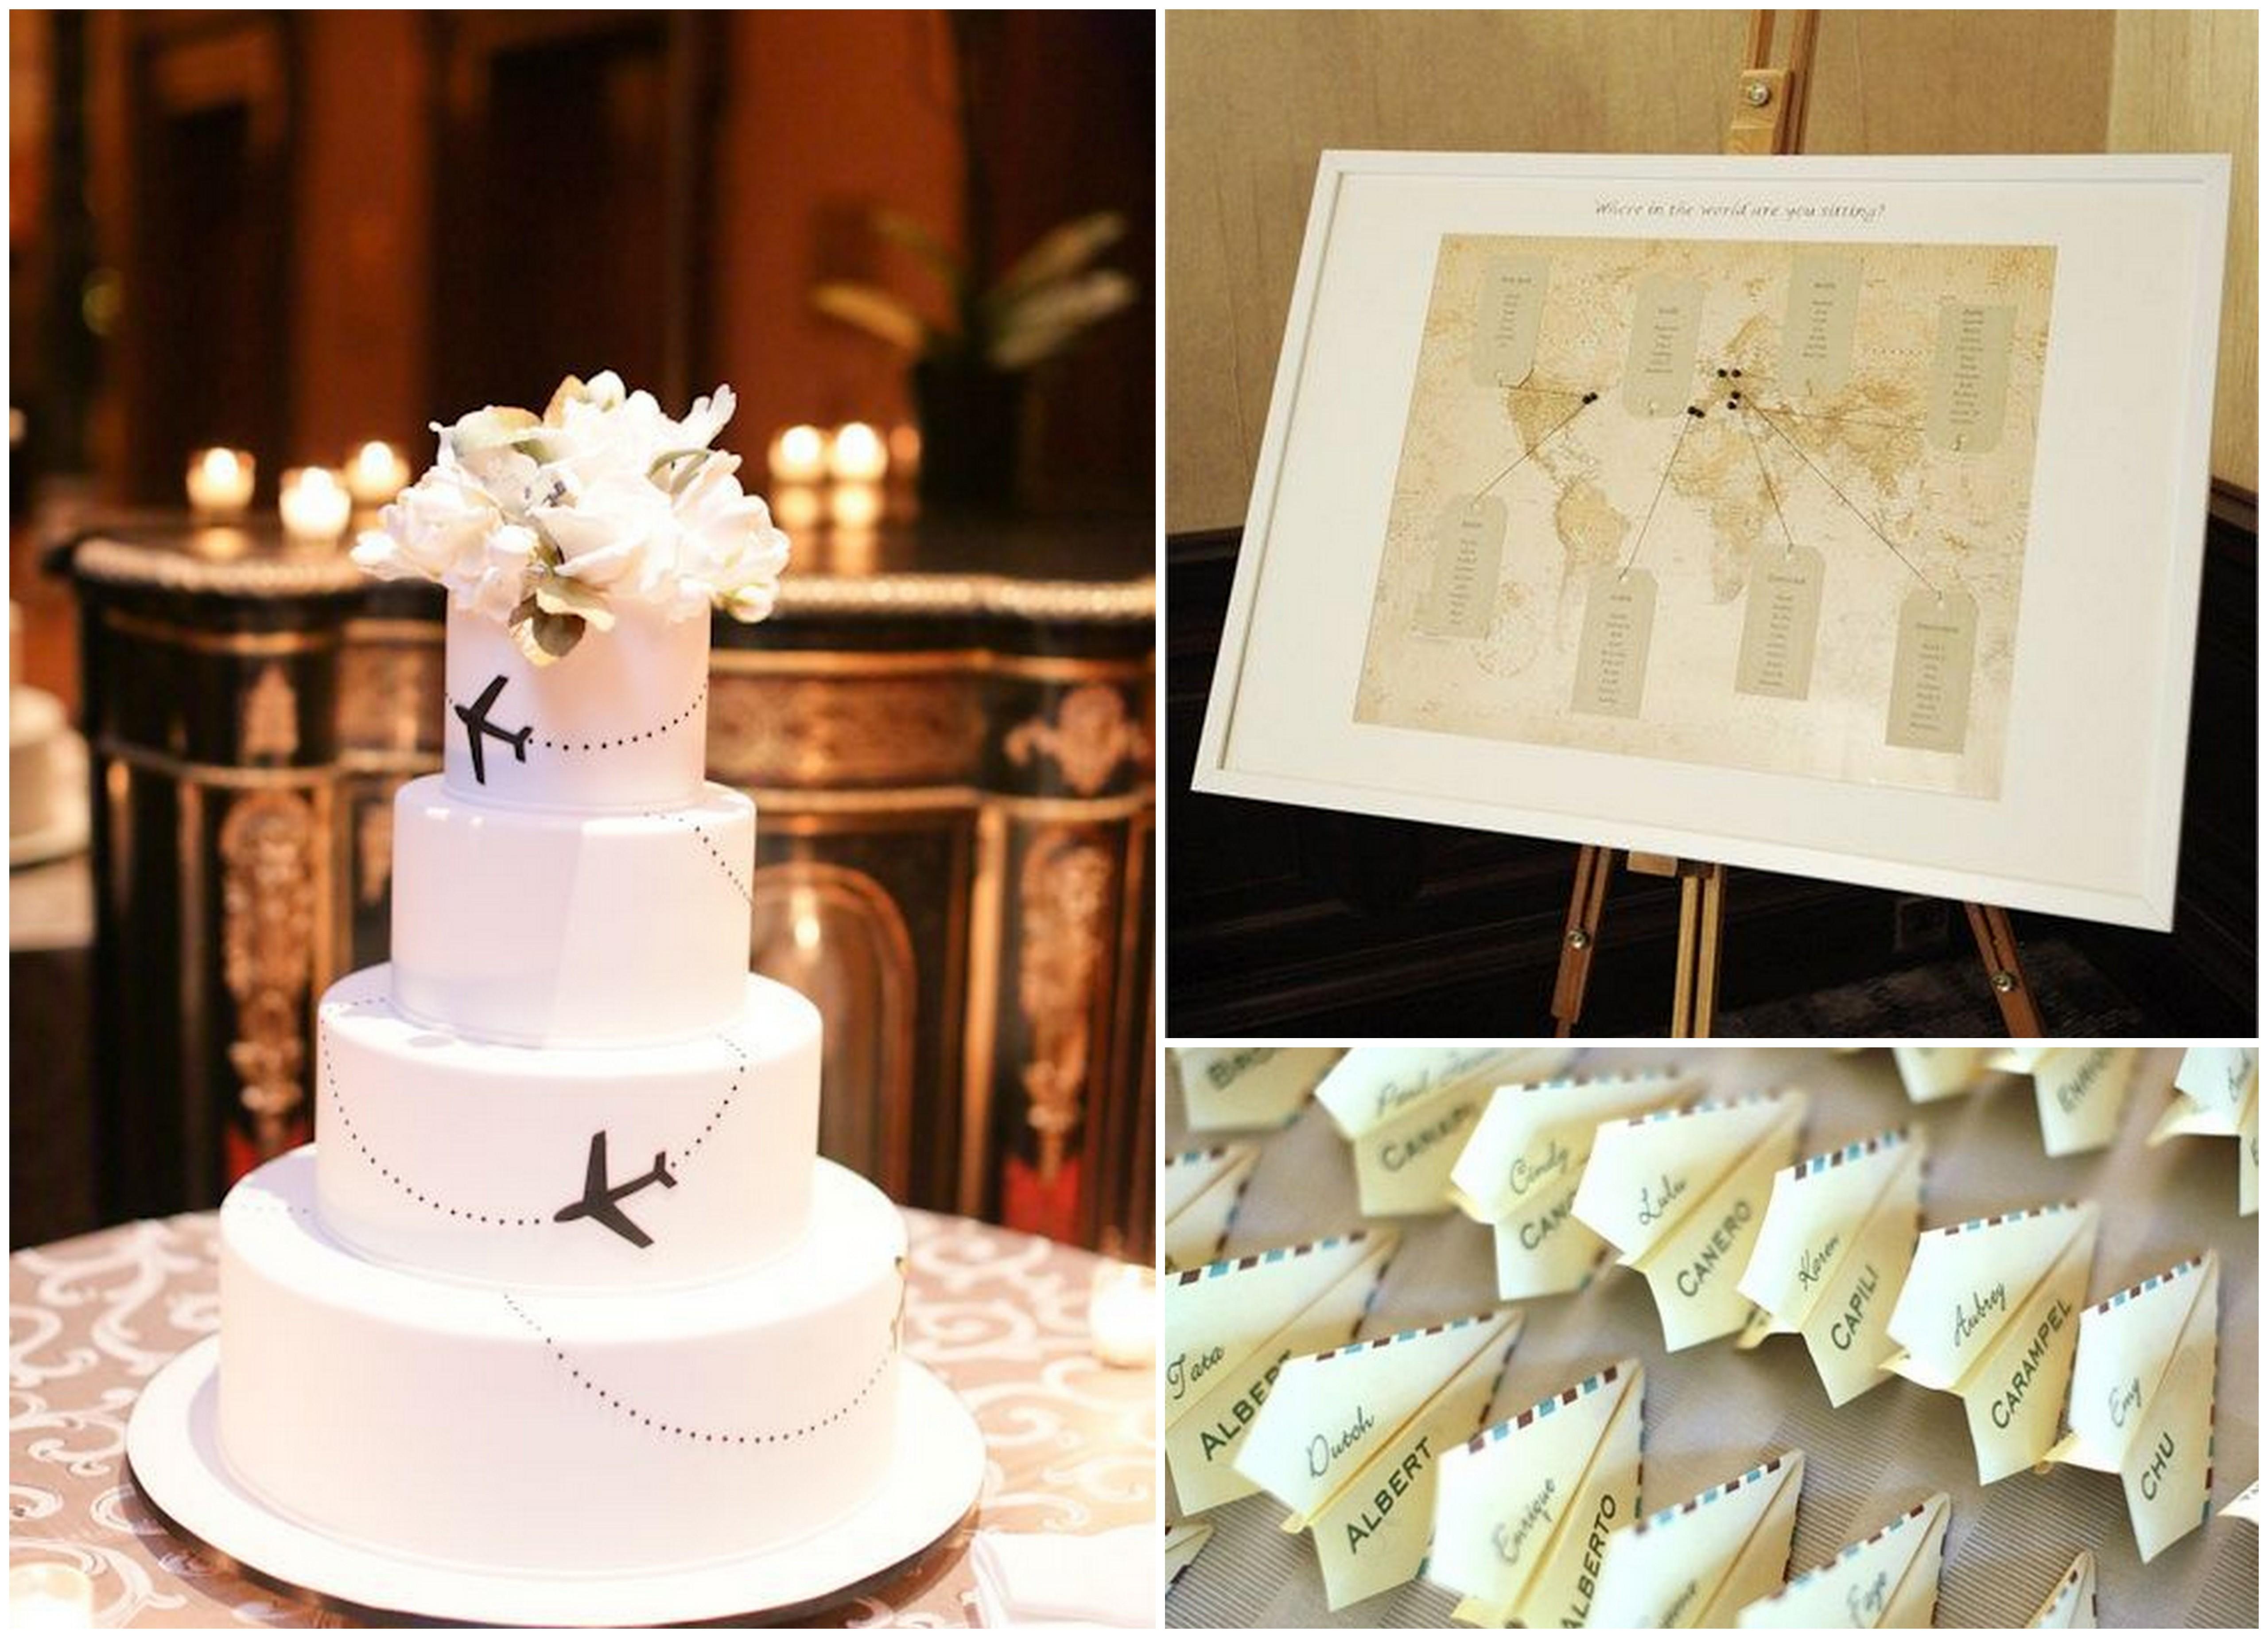 Matrimonio Tema Arte : Temi per matrimoni fb regardsdefemmes